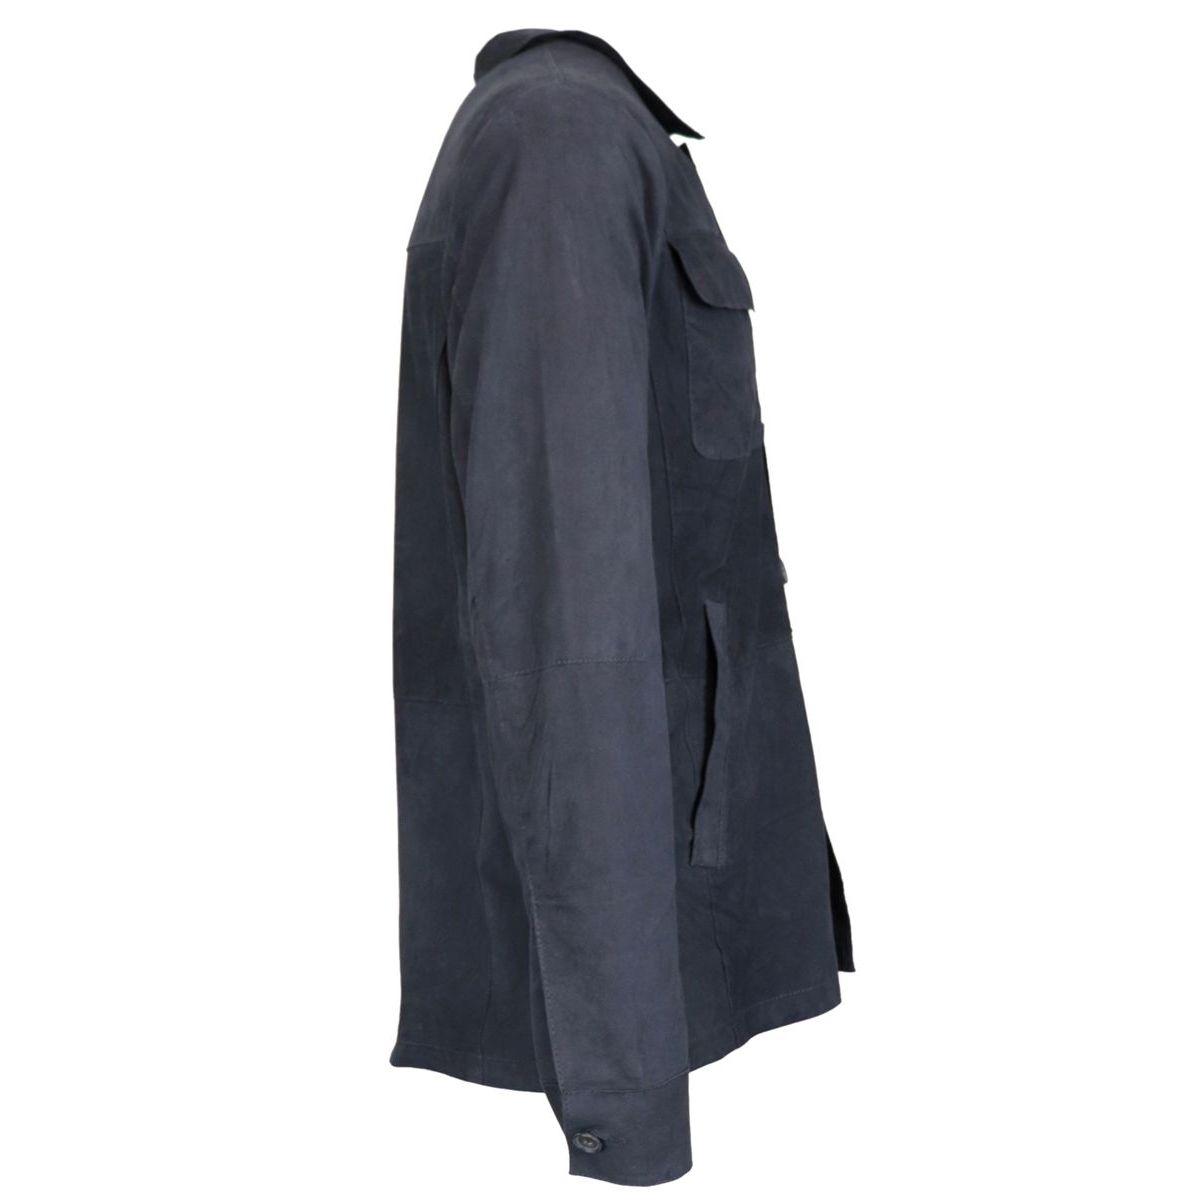 Marcelo suede jacket Ocean Andrea D'amico